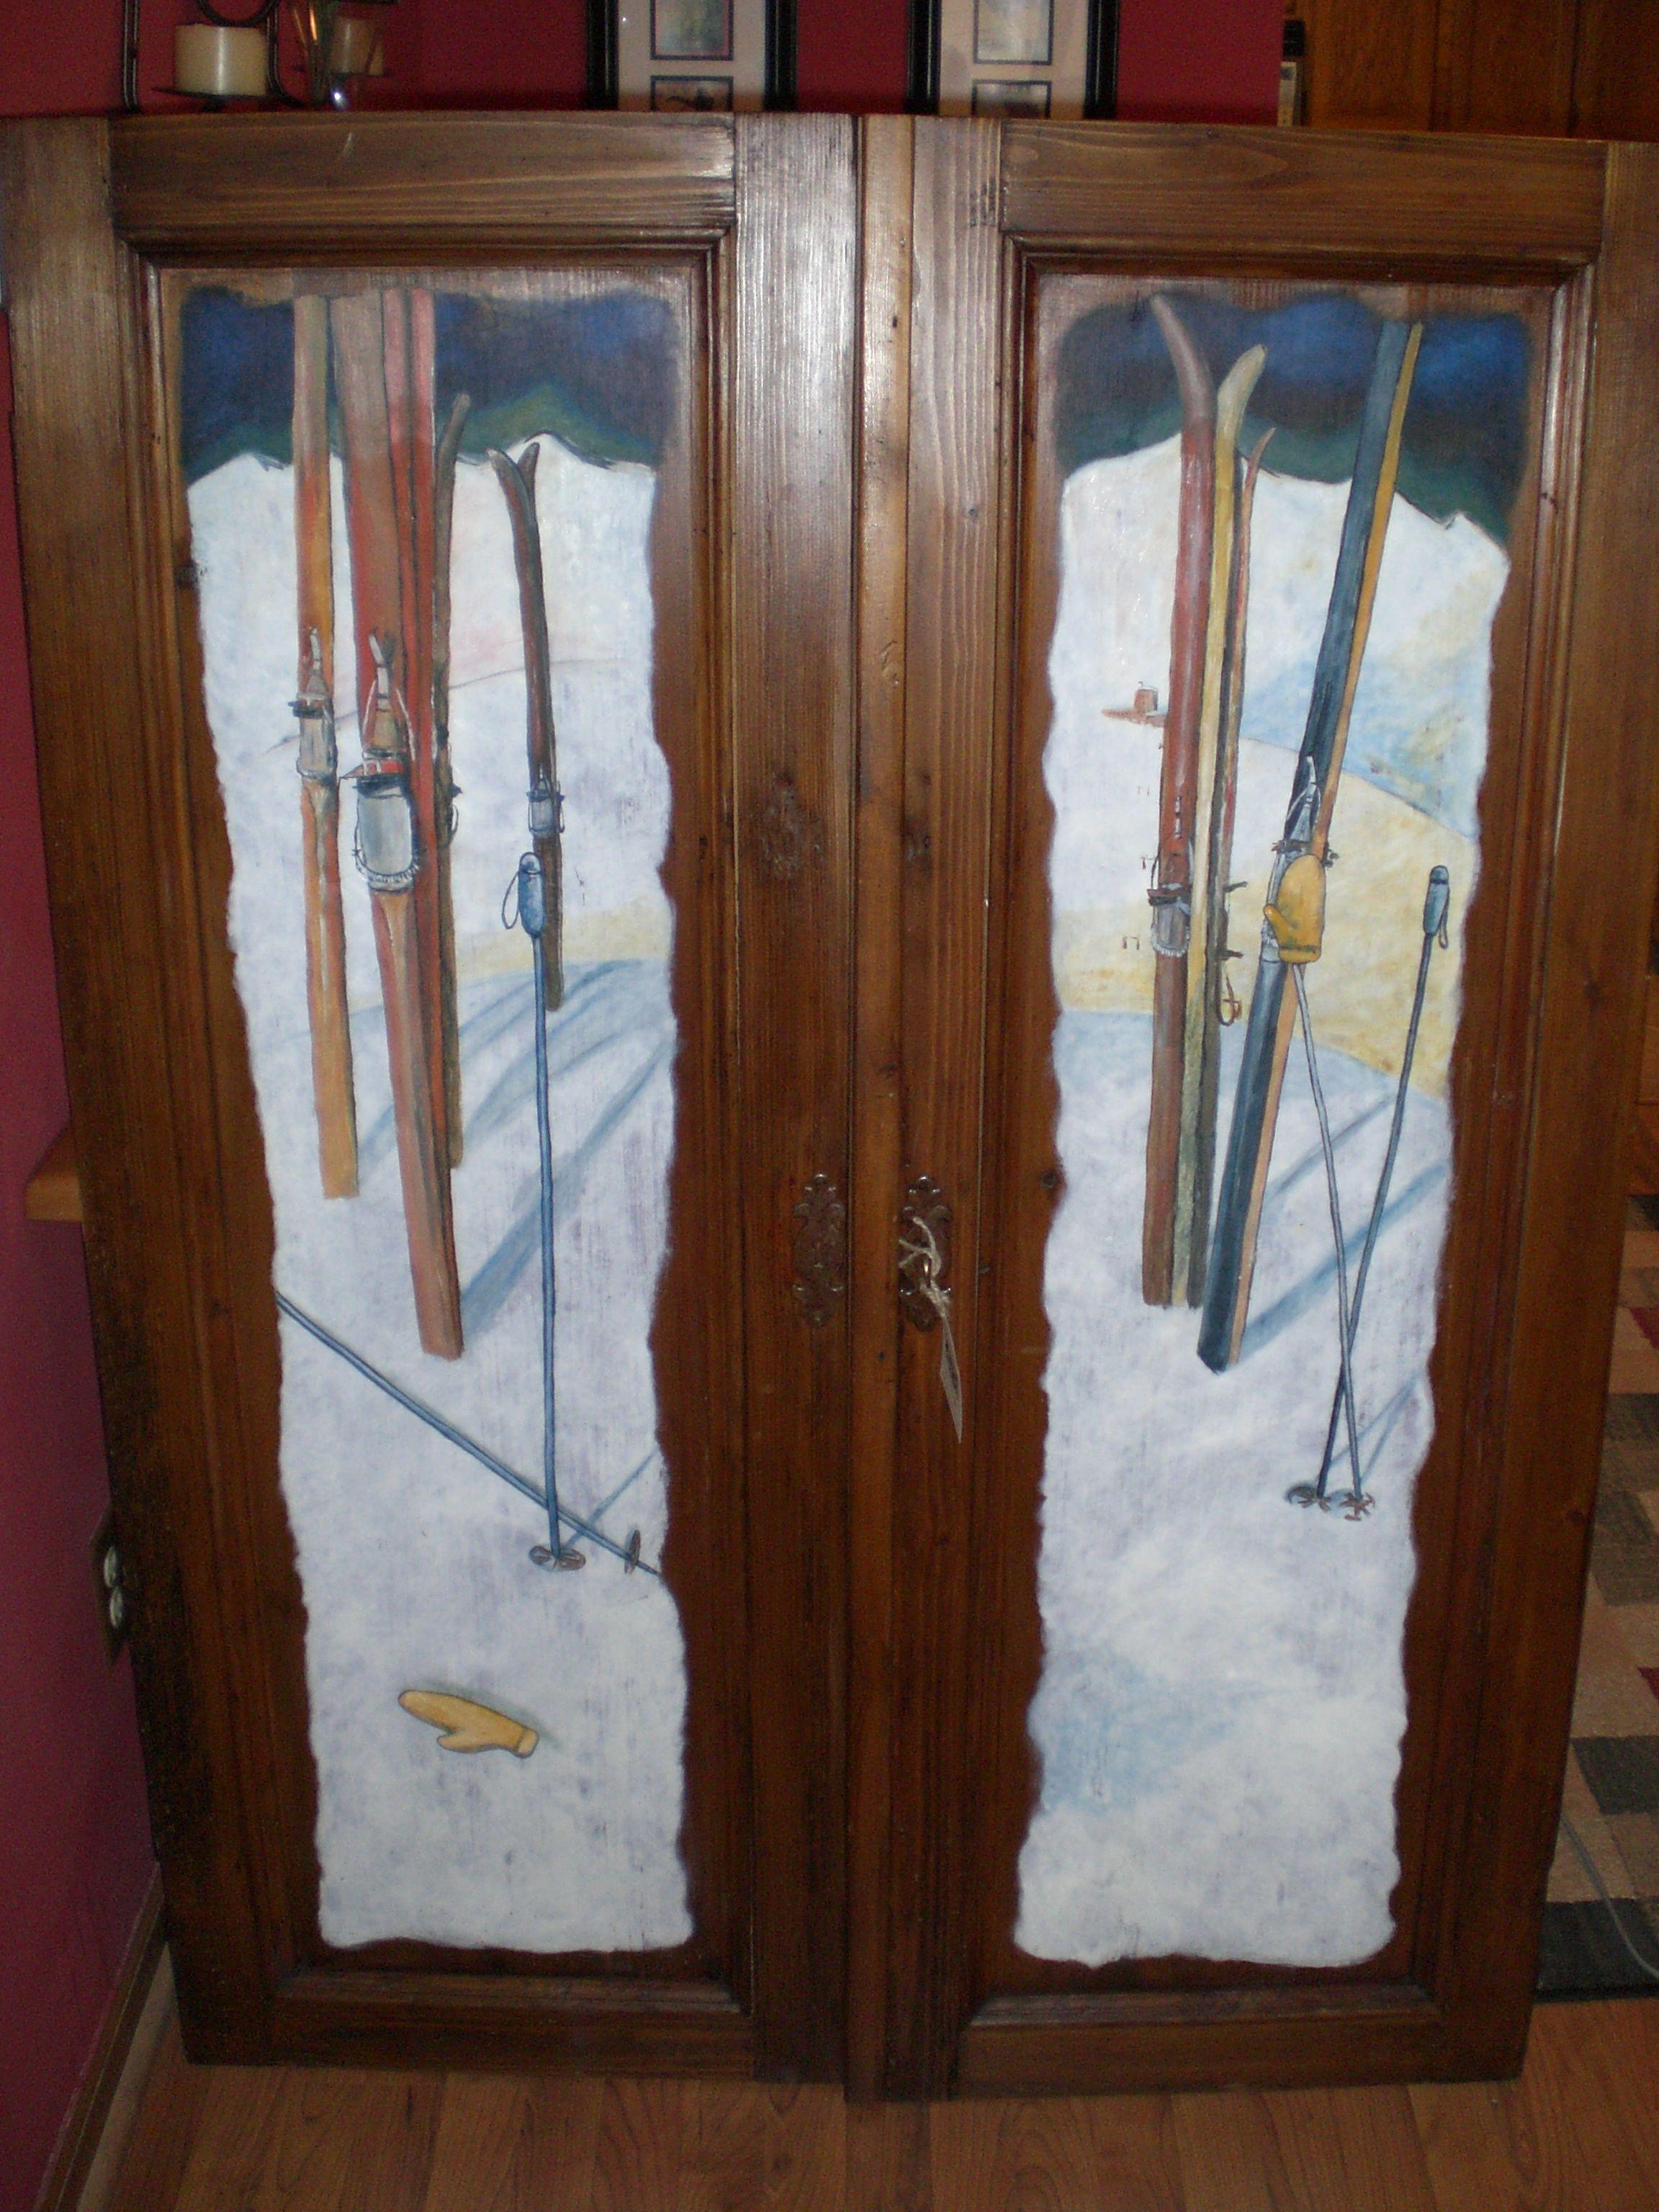 Skis painted on armoire door. & Skis painted on armoire door. | Karl G. Zimmermann III Artwork ...